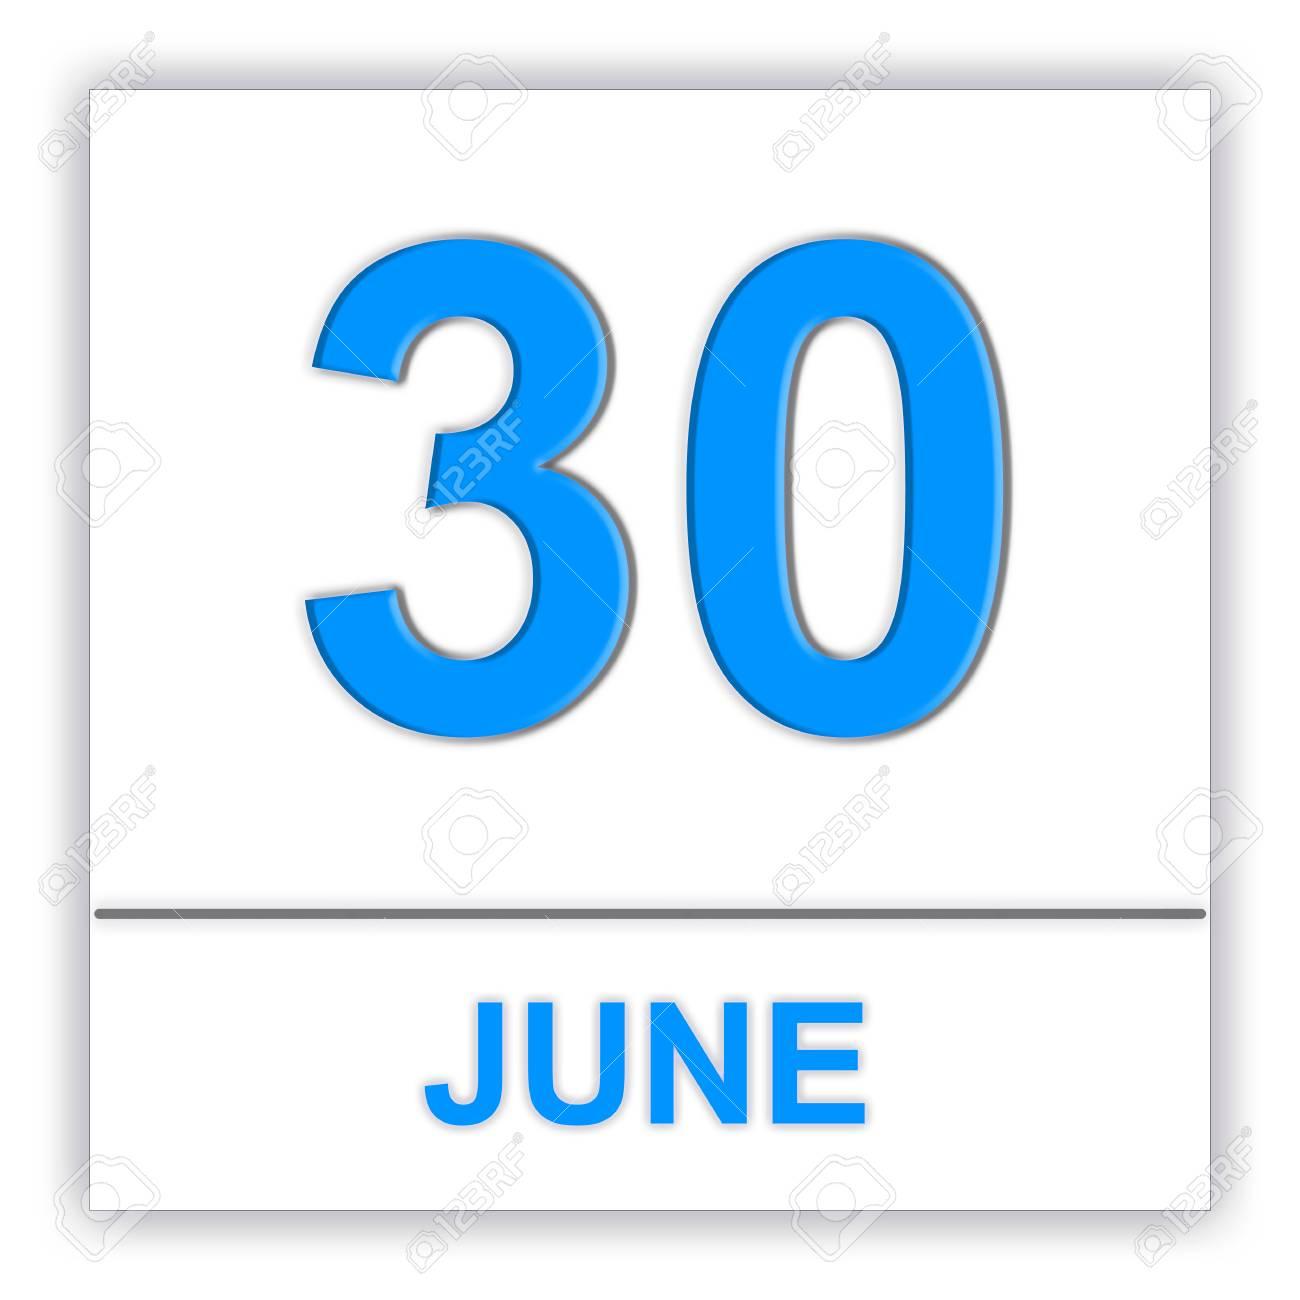 Stock Illustration for 30 Day Calendar